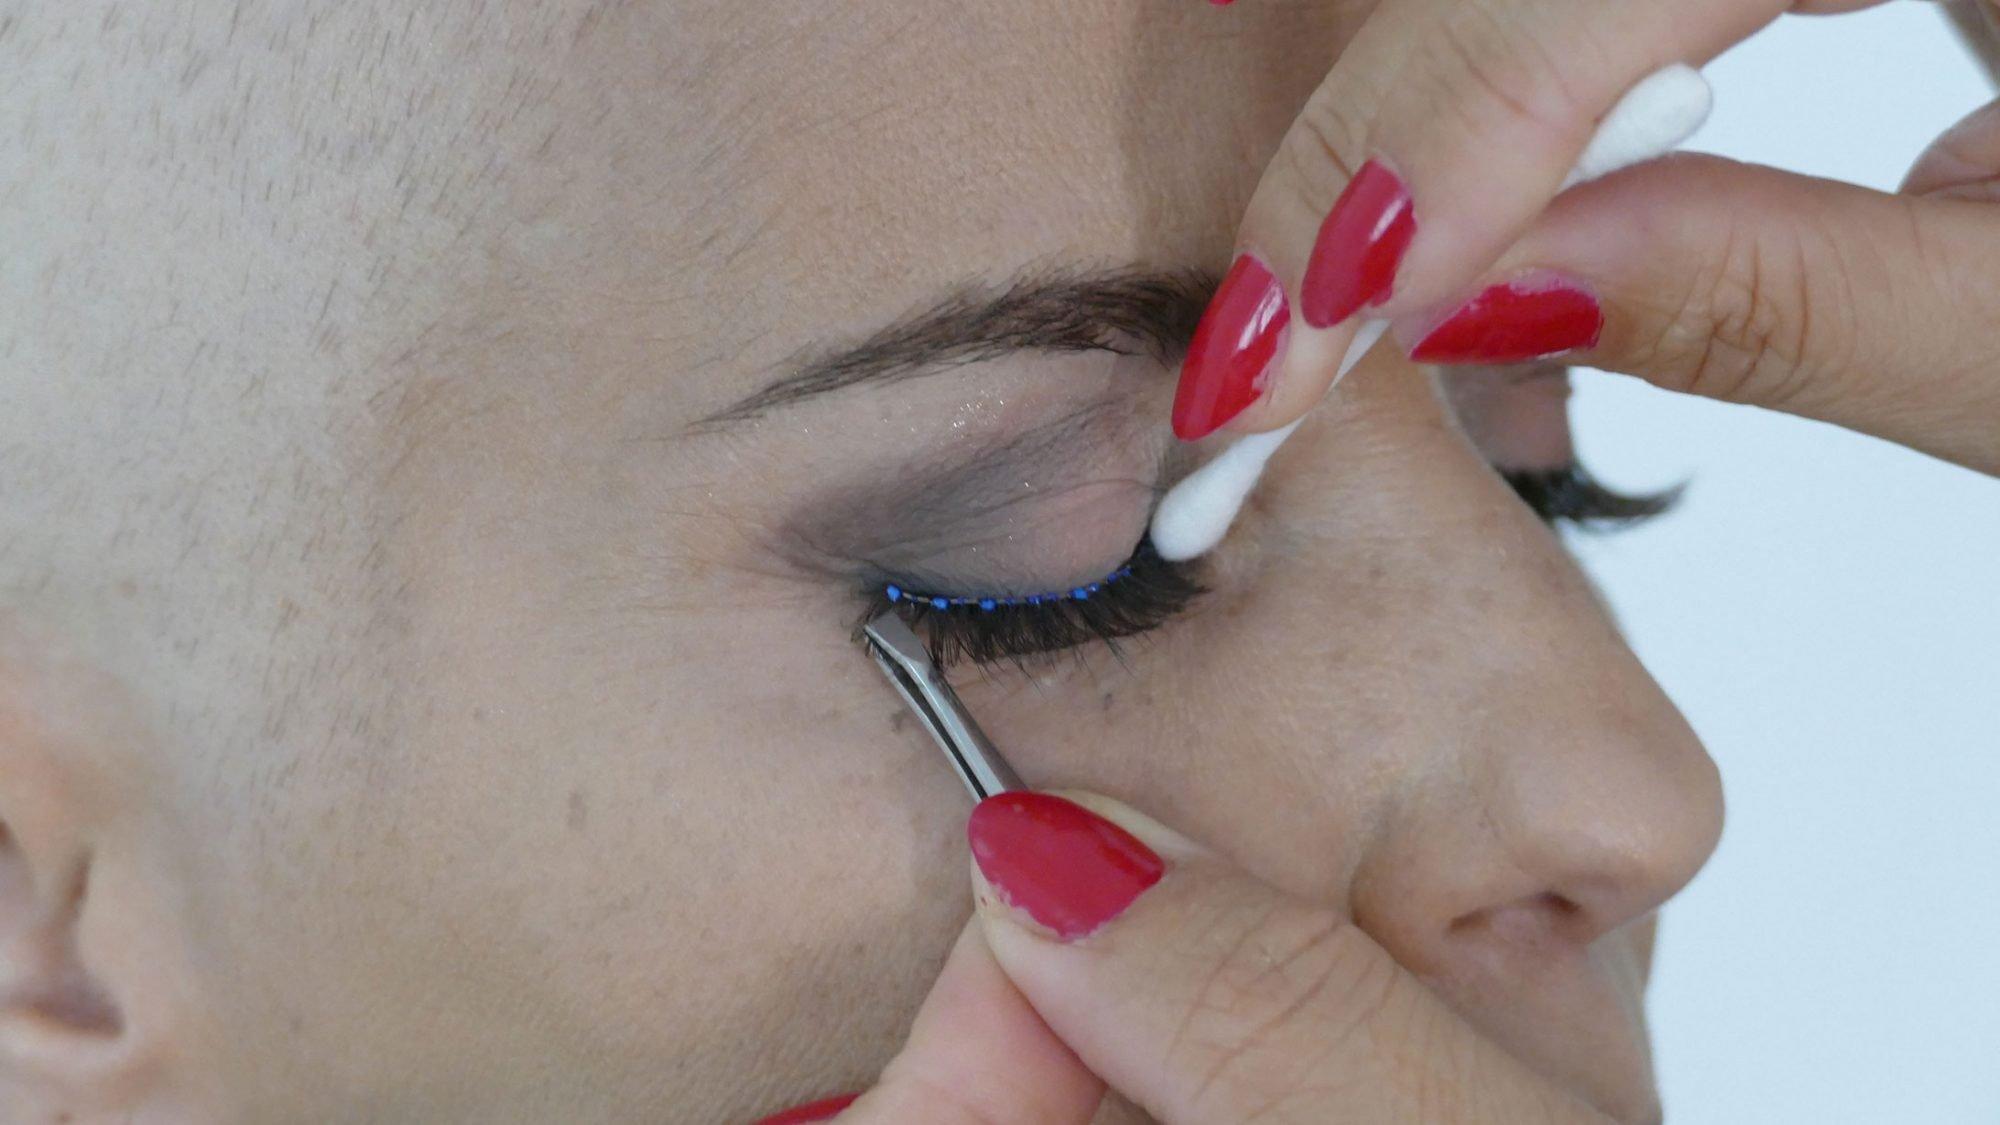 Schminktipps bei Chemotherapie: Wimpern aufkleben.